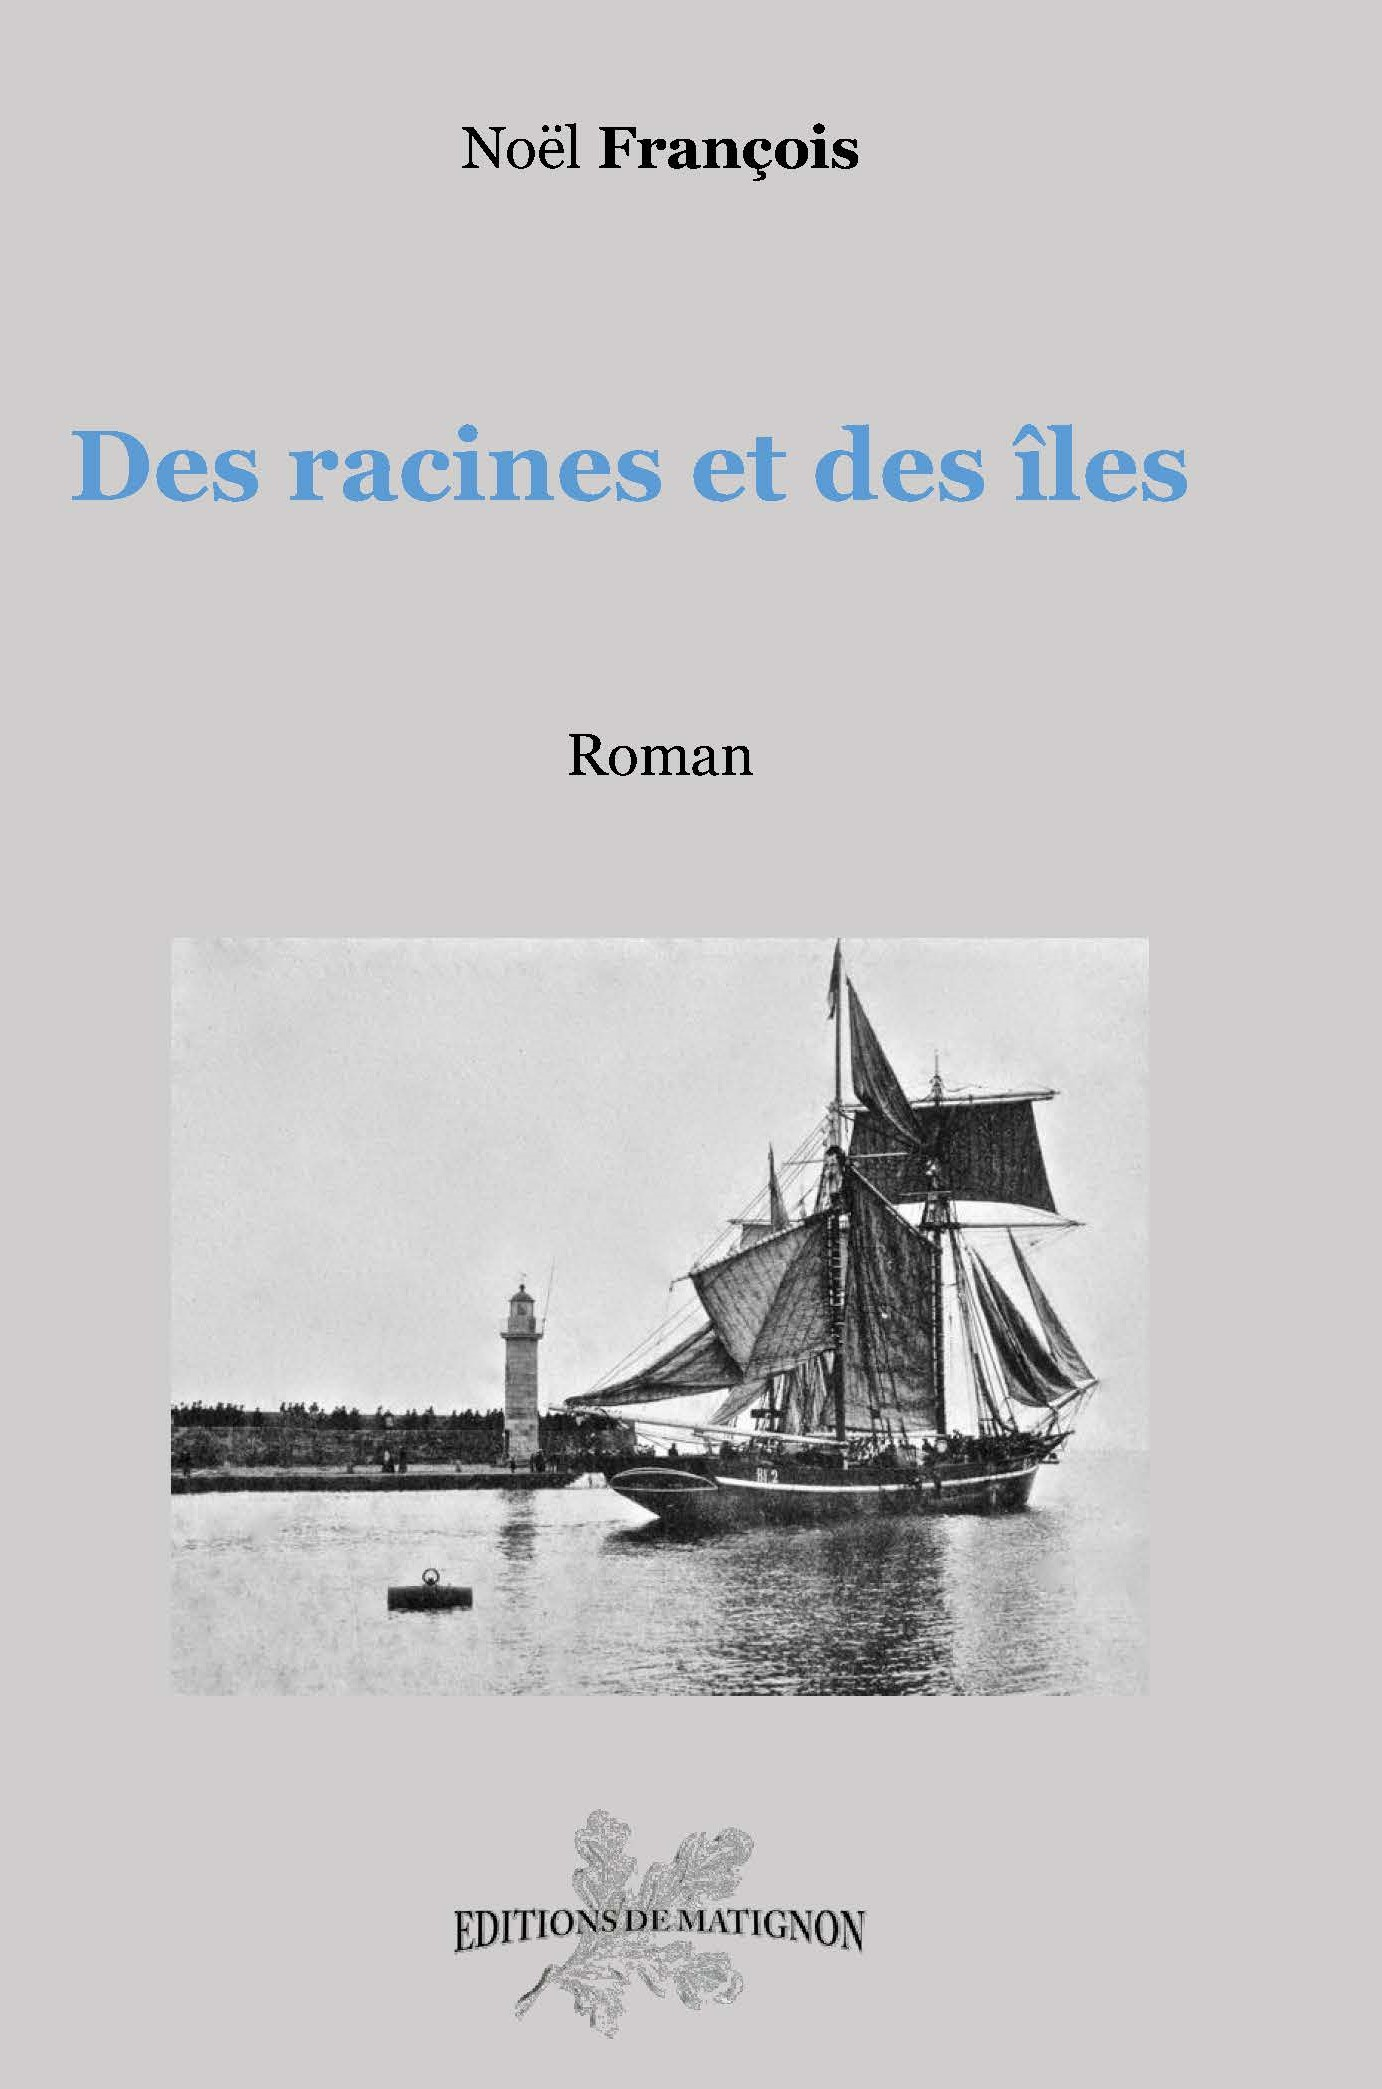 Des racines et des îles